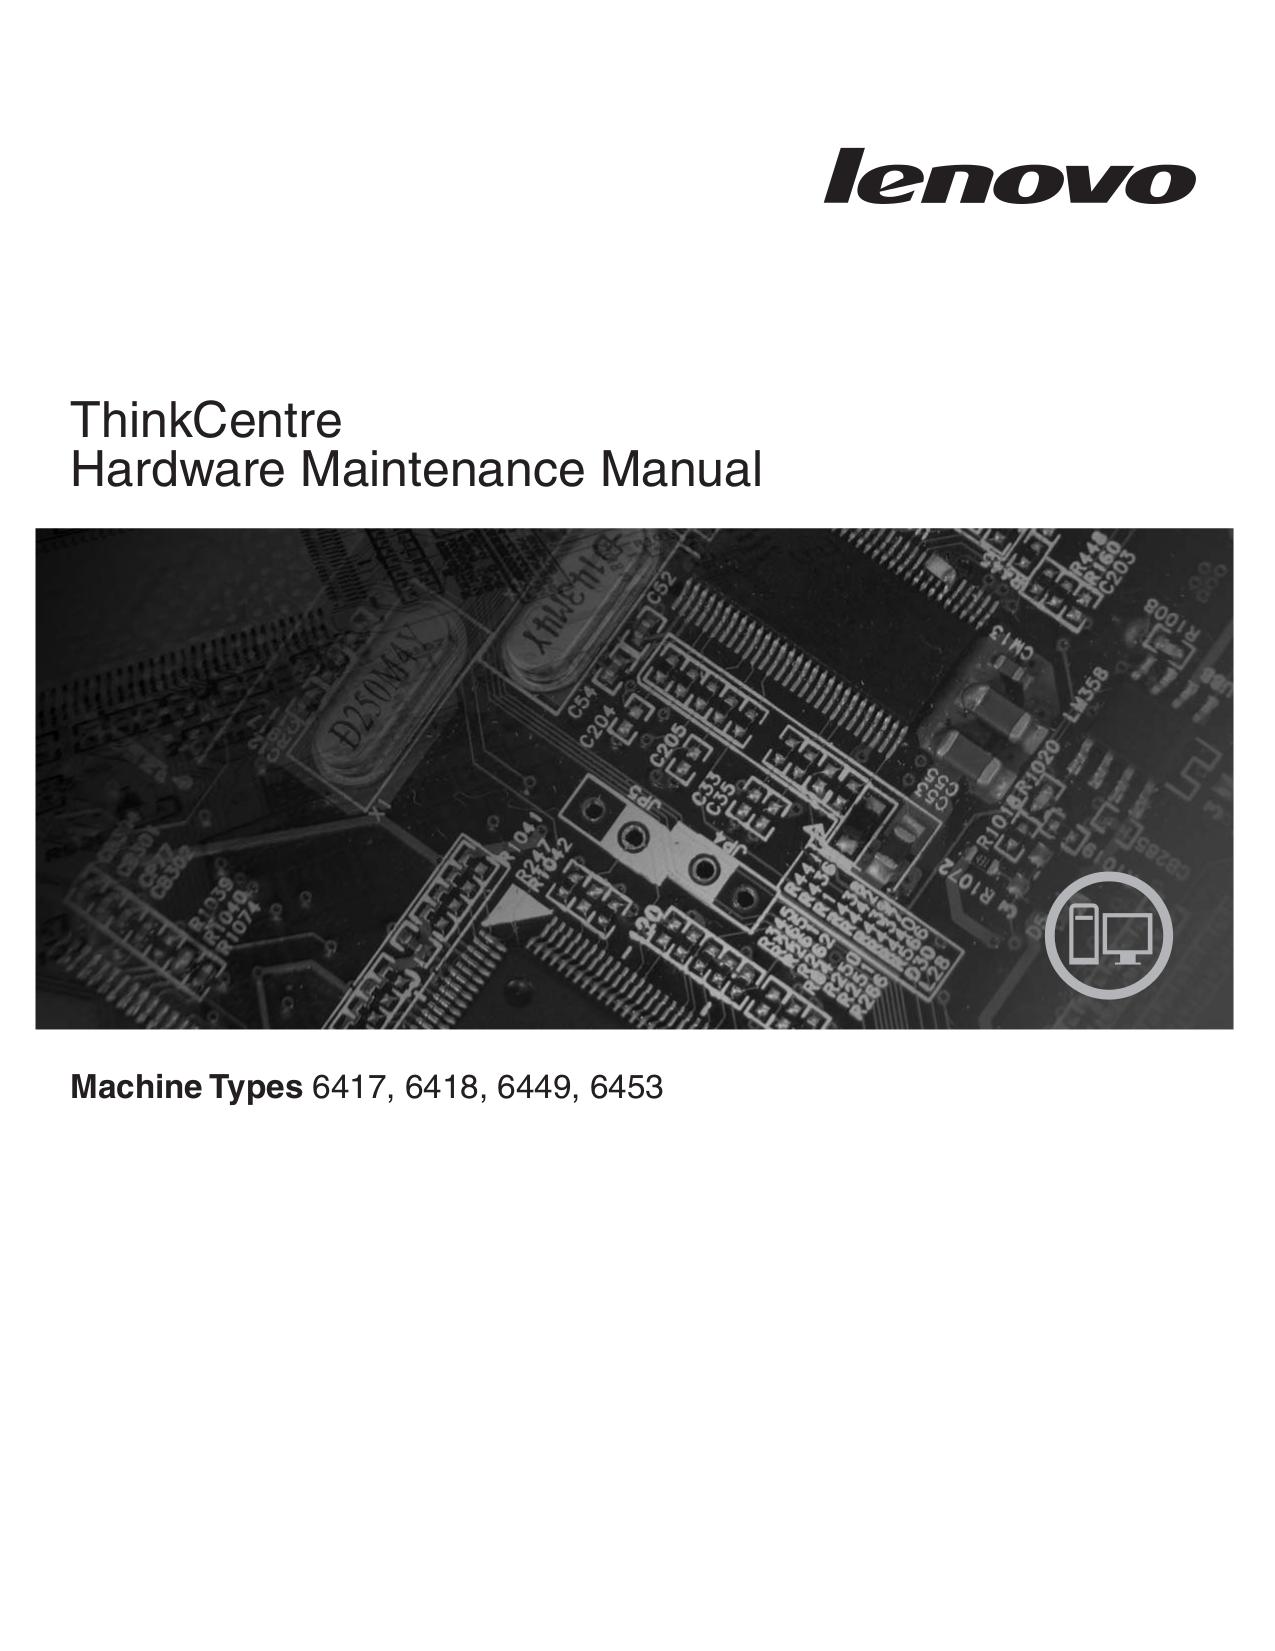 pdf for Lenovo Desktop ThinkCentre A61e 6453 manual